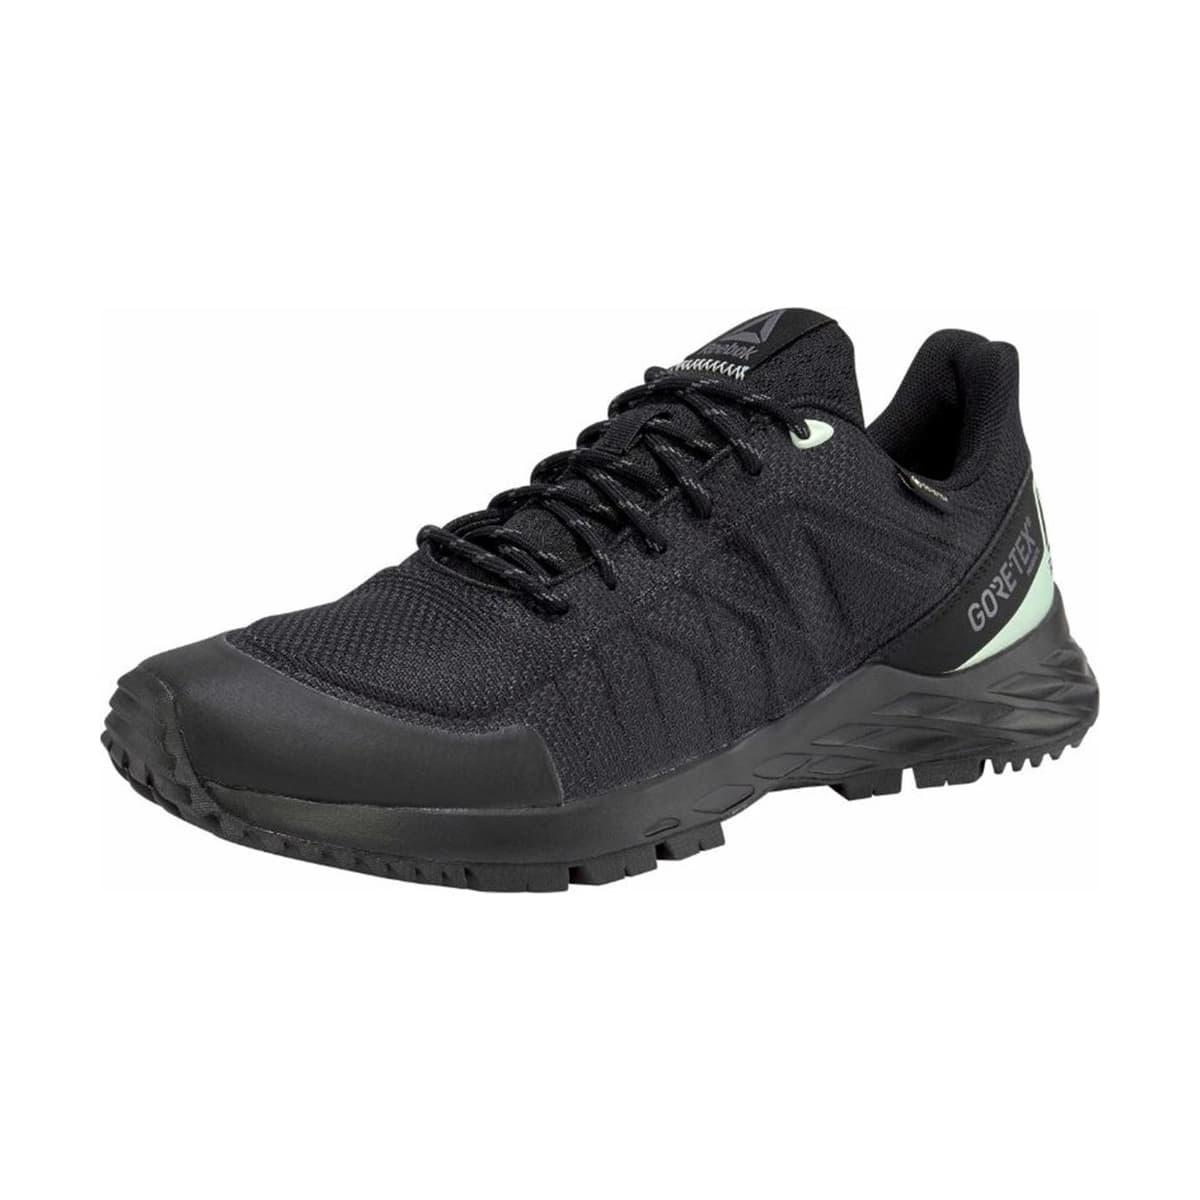 Astroride Trail Gtx 2.0 Kadın Siyah Koşu Ayakkabısı